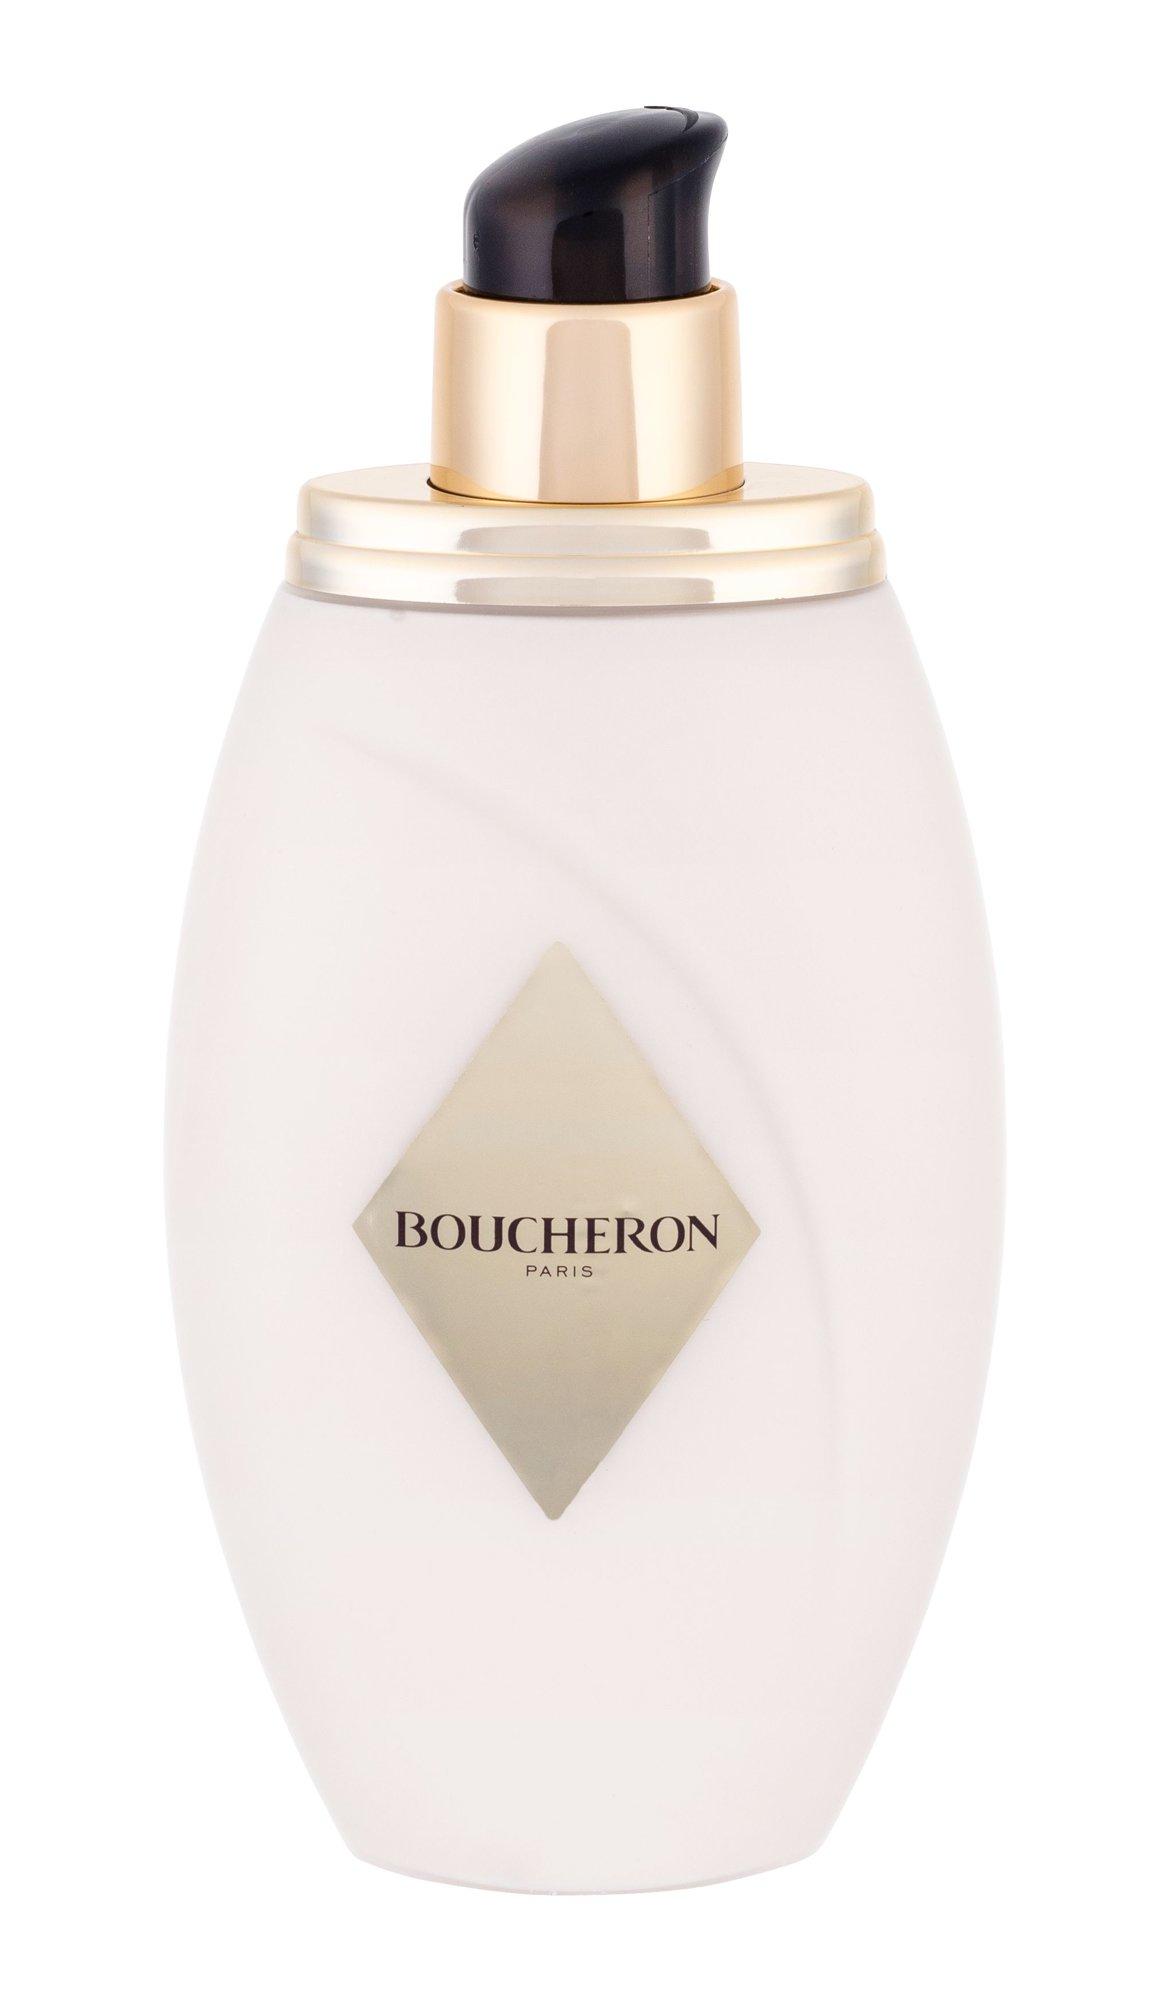 Boucheron Place Vendome Body lotion 200ml